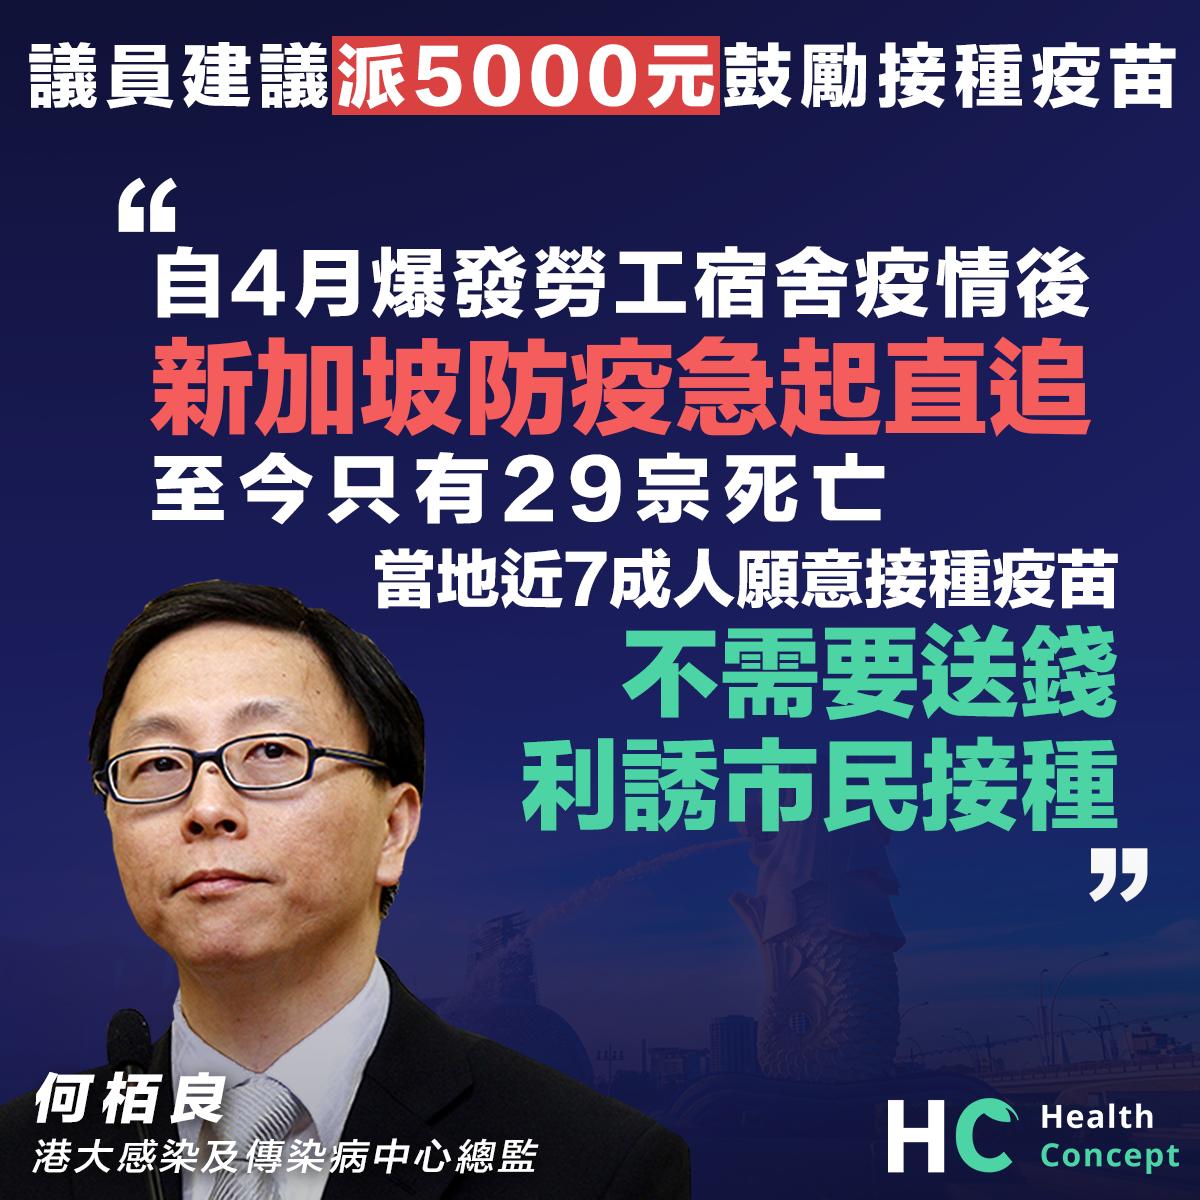 何栢良:新加坡防疫急起直追 不需送錢利誘市民接種疫苗